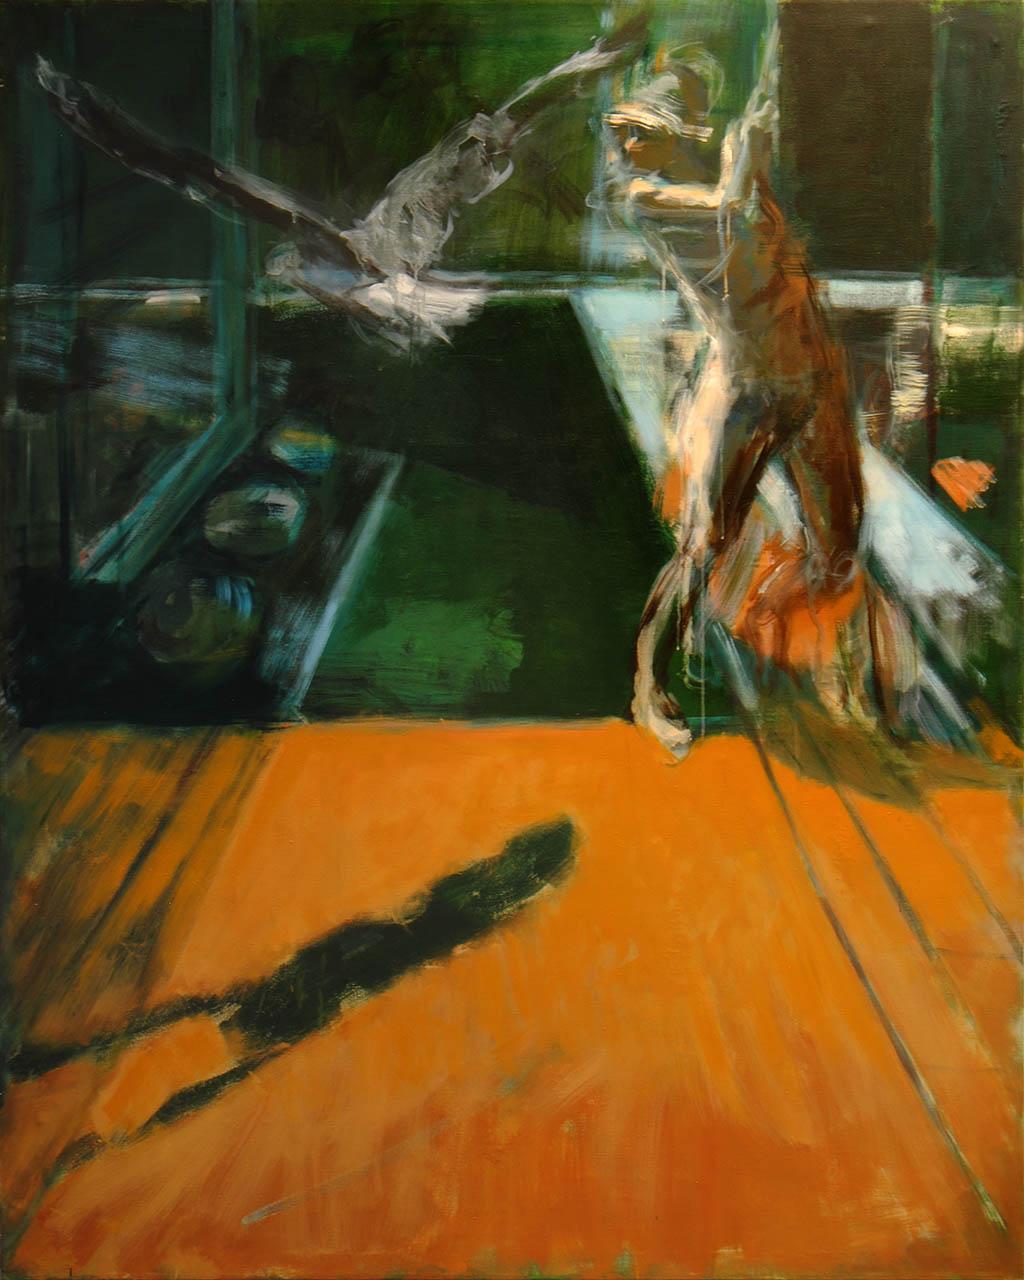 Der Vogel 2018, Öl/ Lwd, 200x160 cm